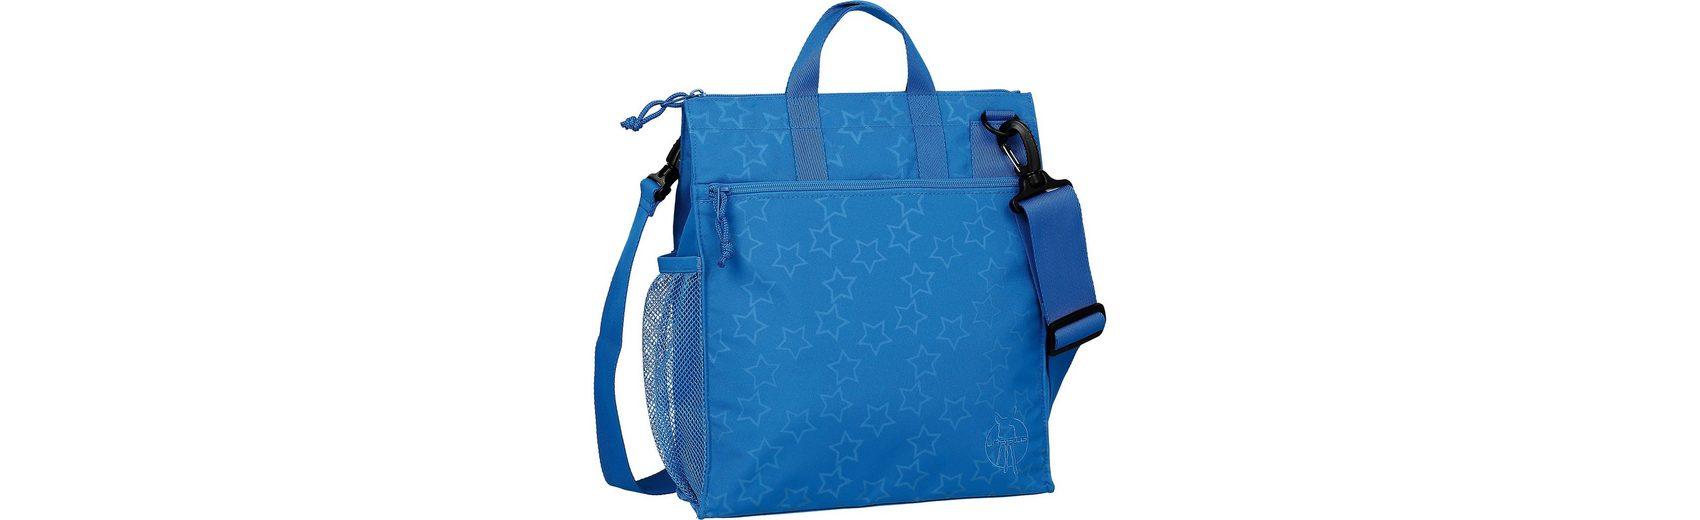 Lässig Wickeltasche Casual, Buggy Bag, Reflective Star, blue